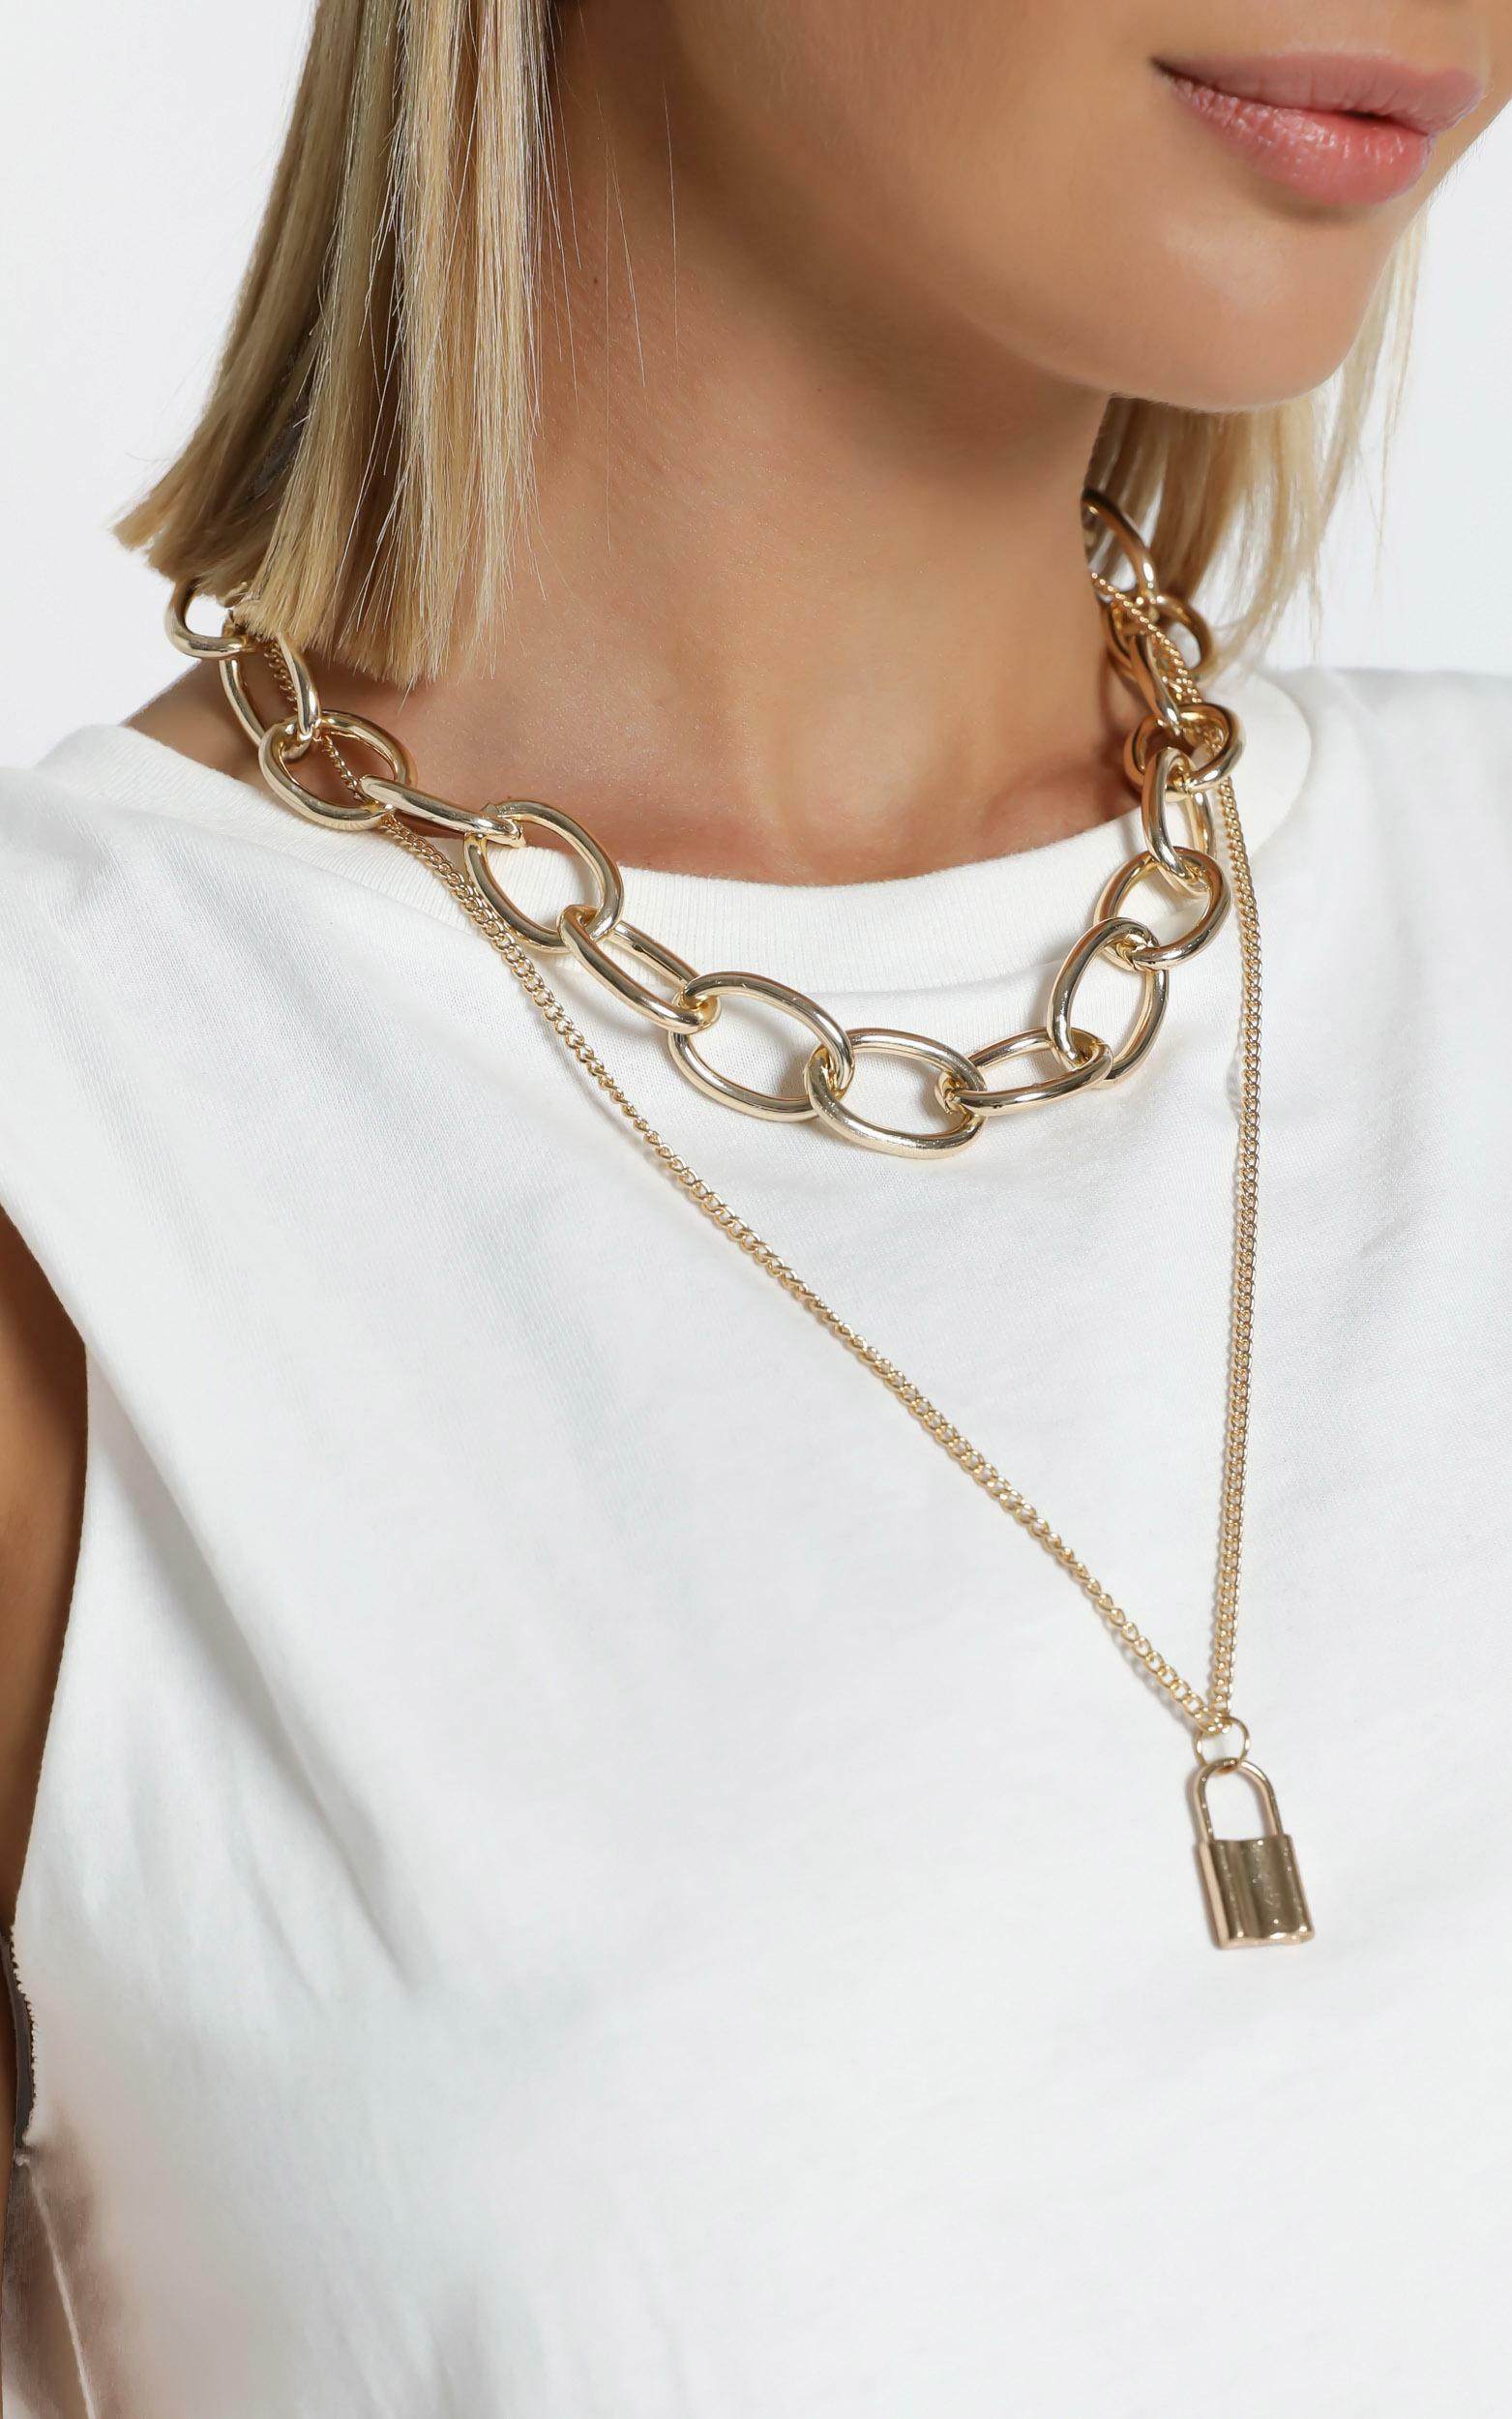 Nikola Necklace in Gold, GLD1, hi-res image number null